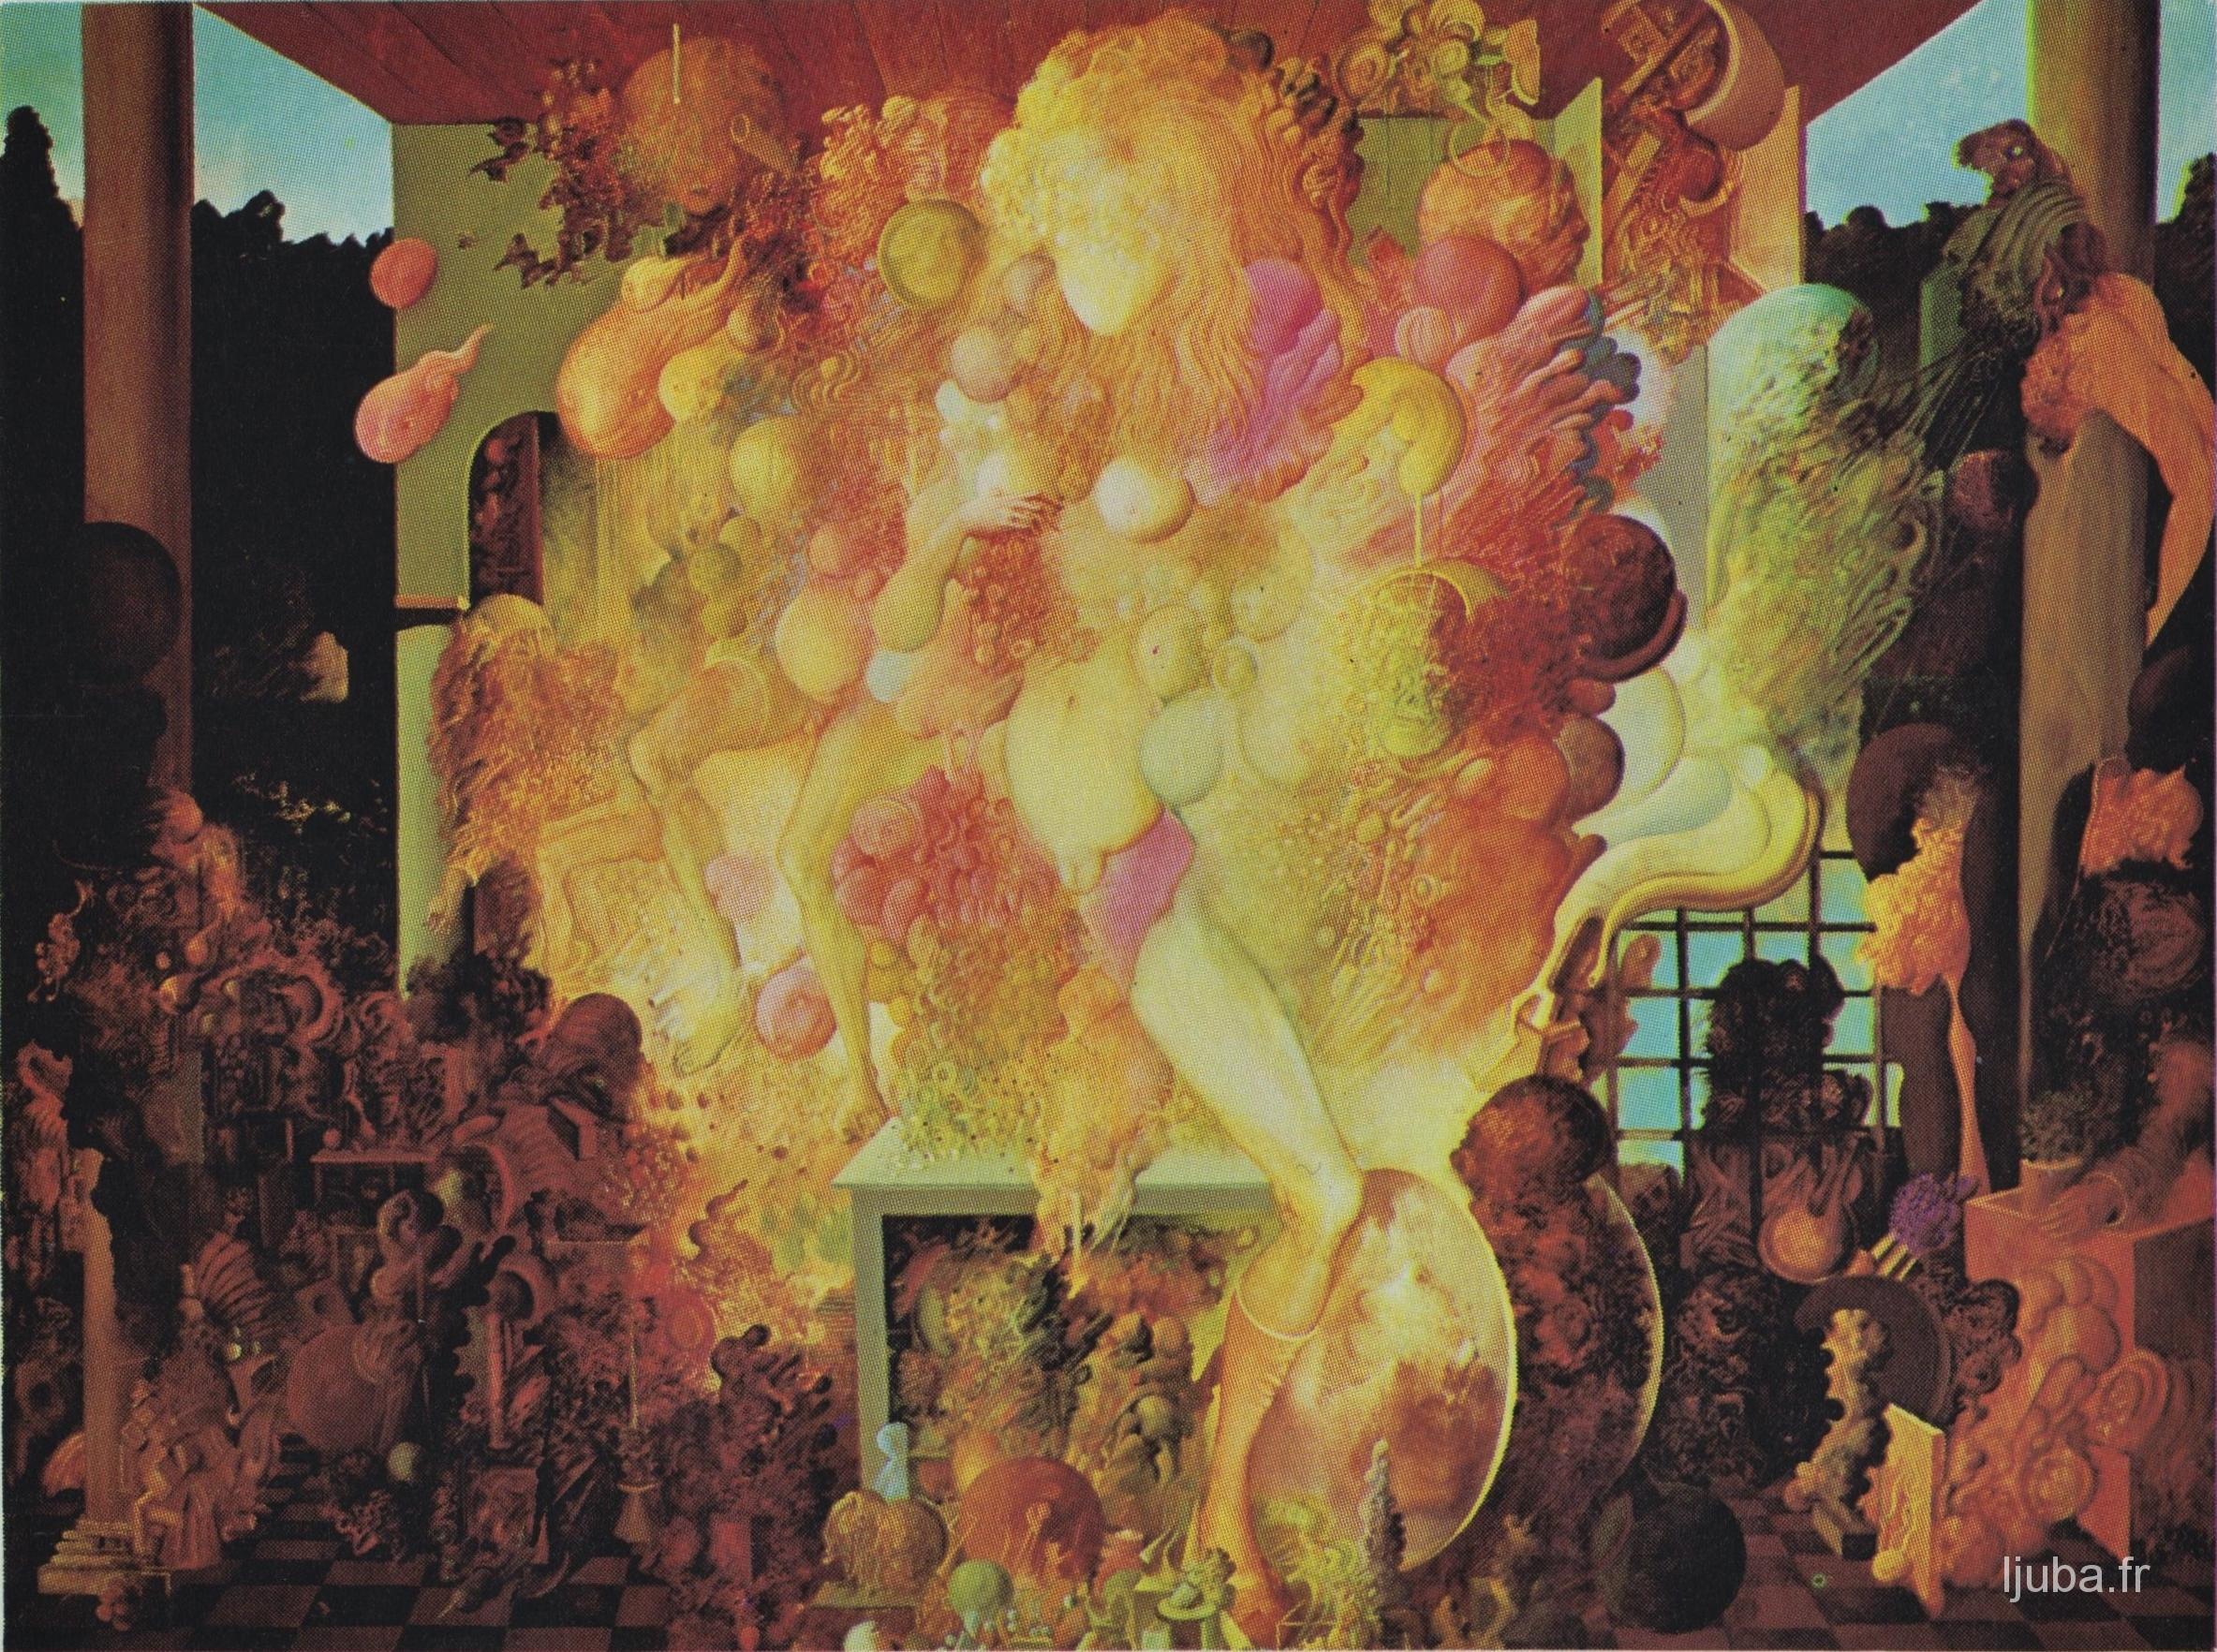 Ljuba Popovic - L'ange de la perversité, 1968-67